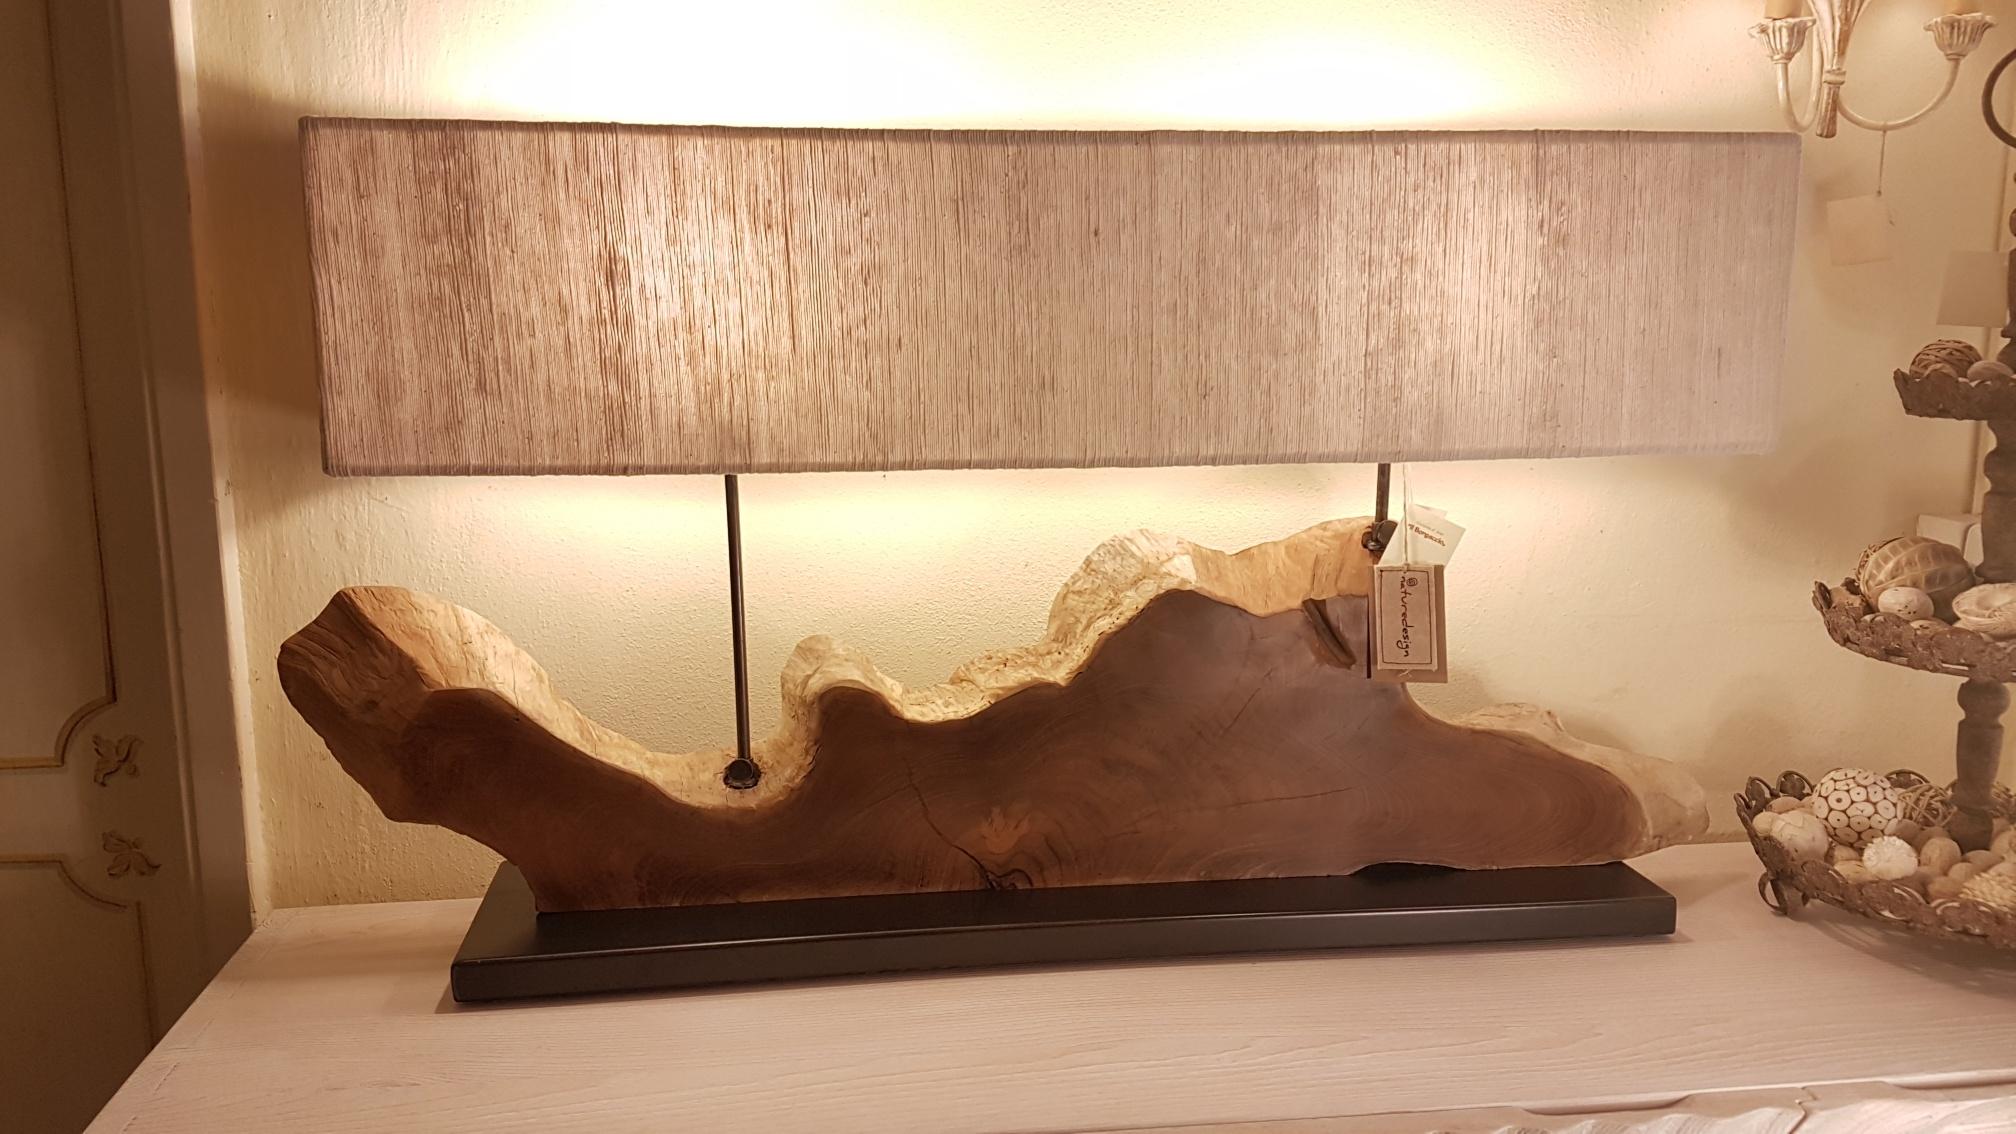 Lampadario In Legno Antico : Lampadario legno antiche: lampadari antichi san tai da acquistare